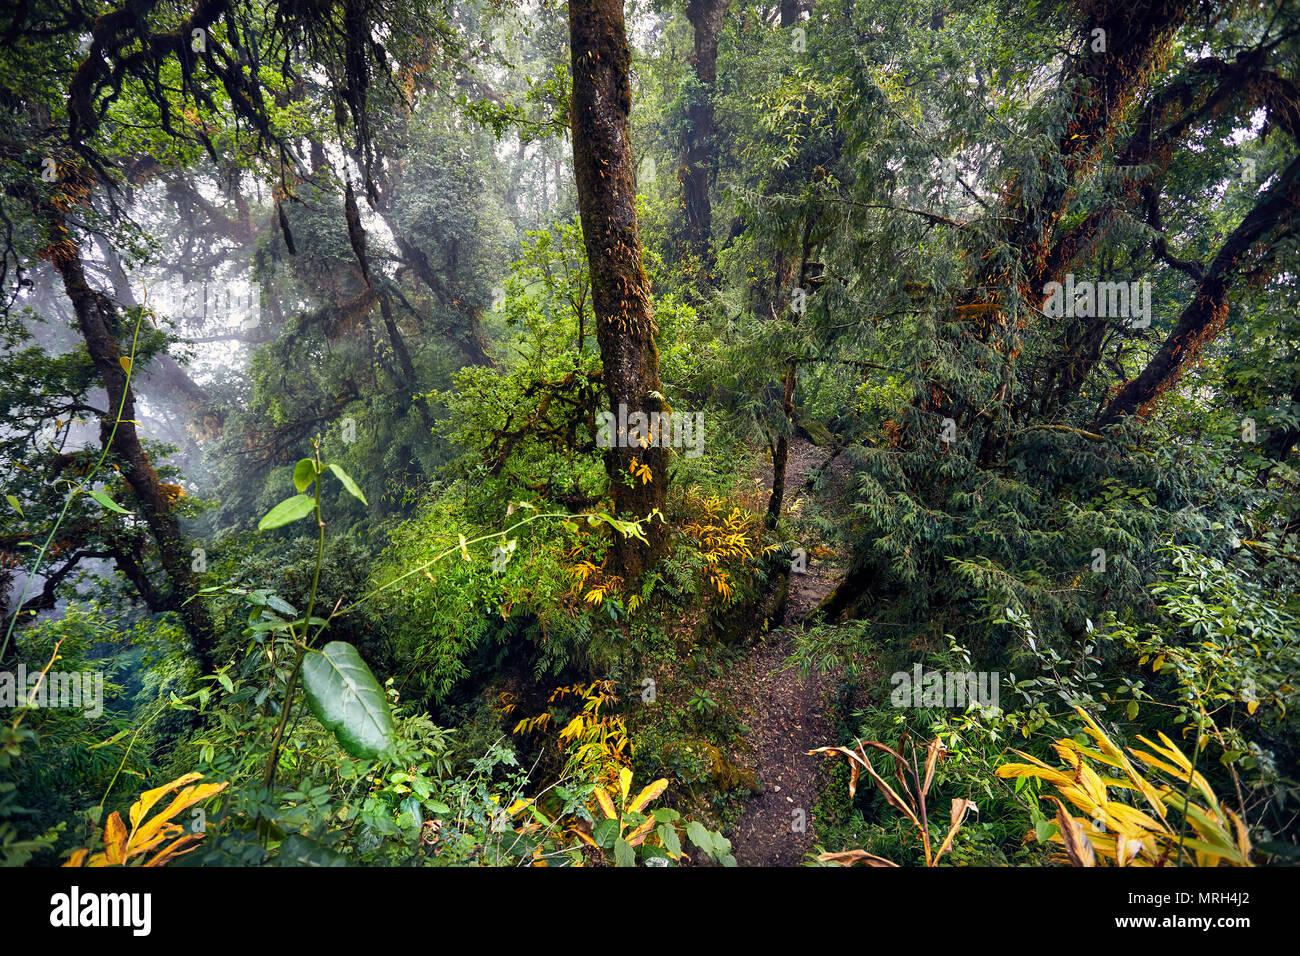 Hermoso paisaje de árboles altos de subtropical bosque neblinoso de Annapurna trekking en Nepal Imagen De Stock